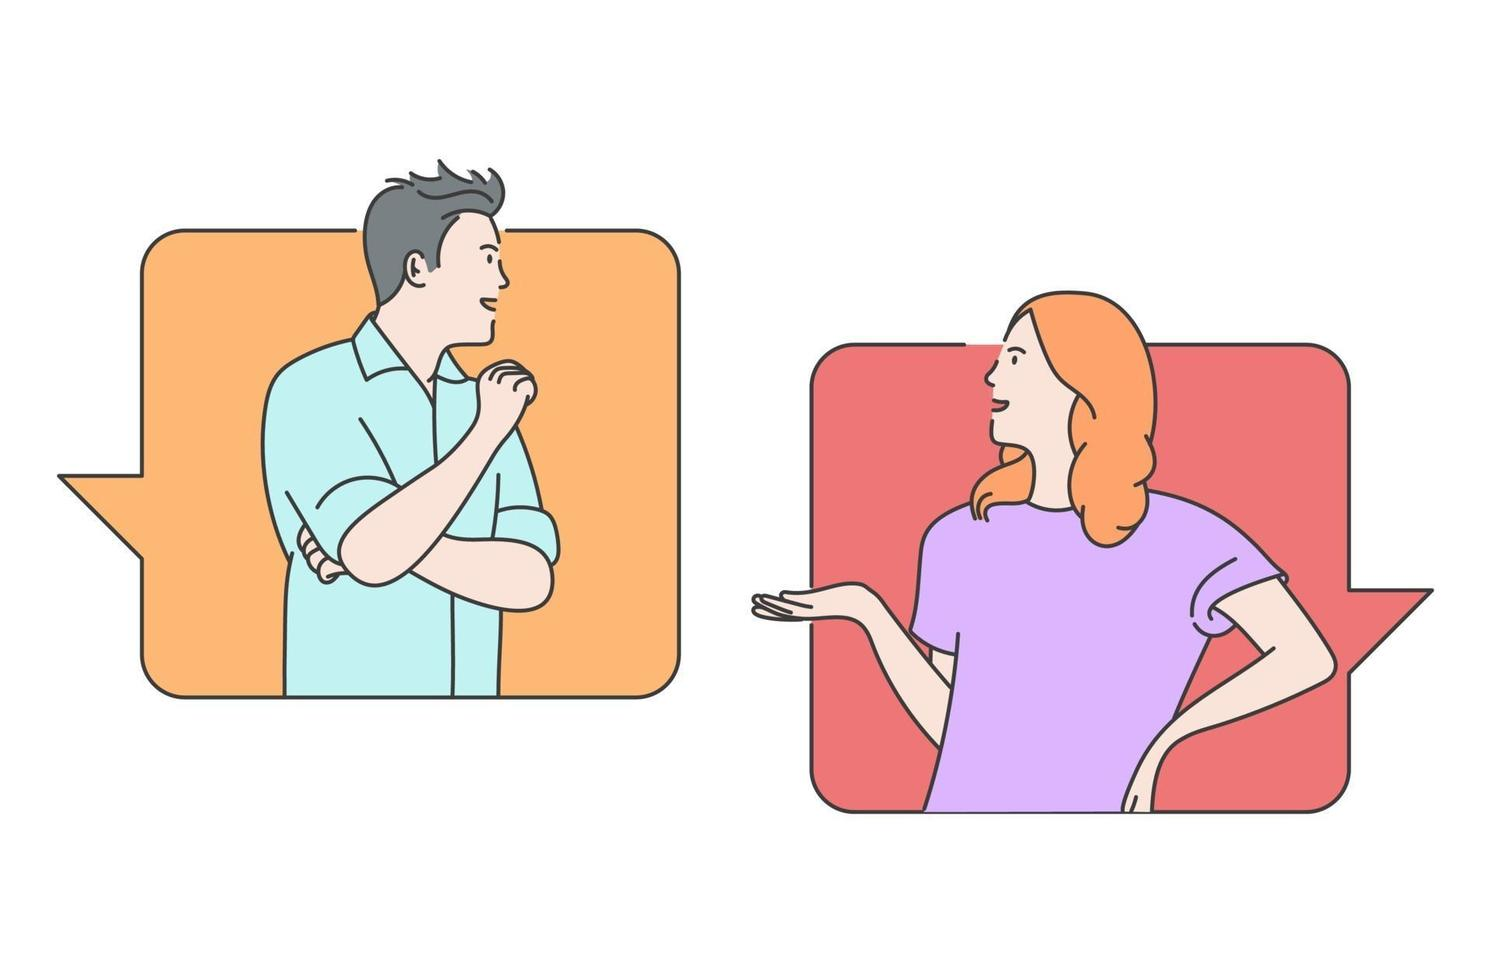 online kommunikation, sociala medier eller nätverk koncept. man, kvinnapar chattar, meddelanden via chattapp eller socialt nätverk. vektor